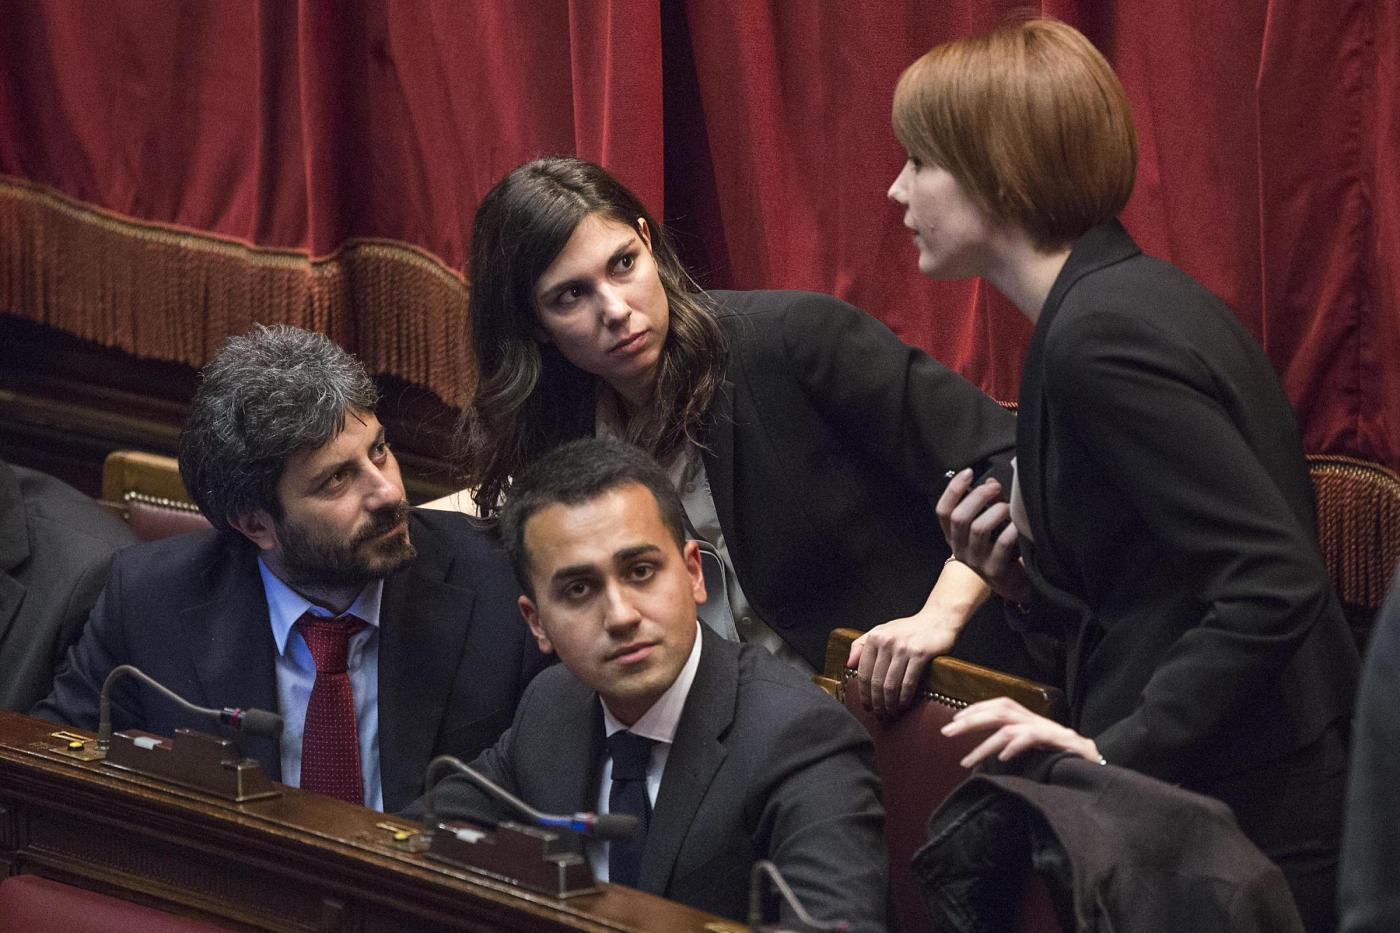 Movimento 5 stelle e la resa dei conti a rischio for Parlamentari 5 stelle nomi